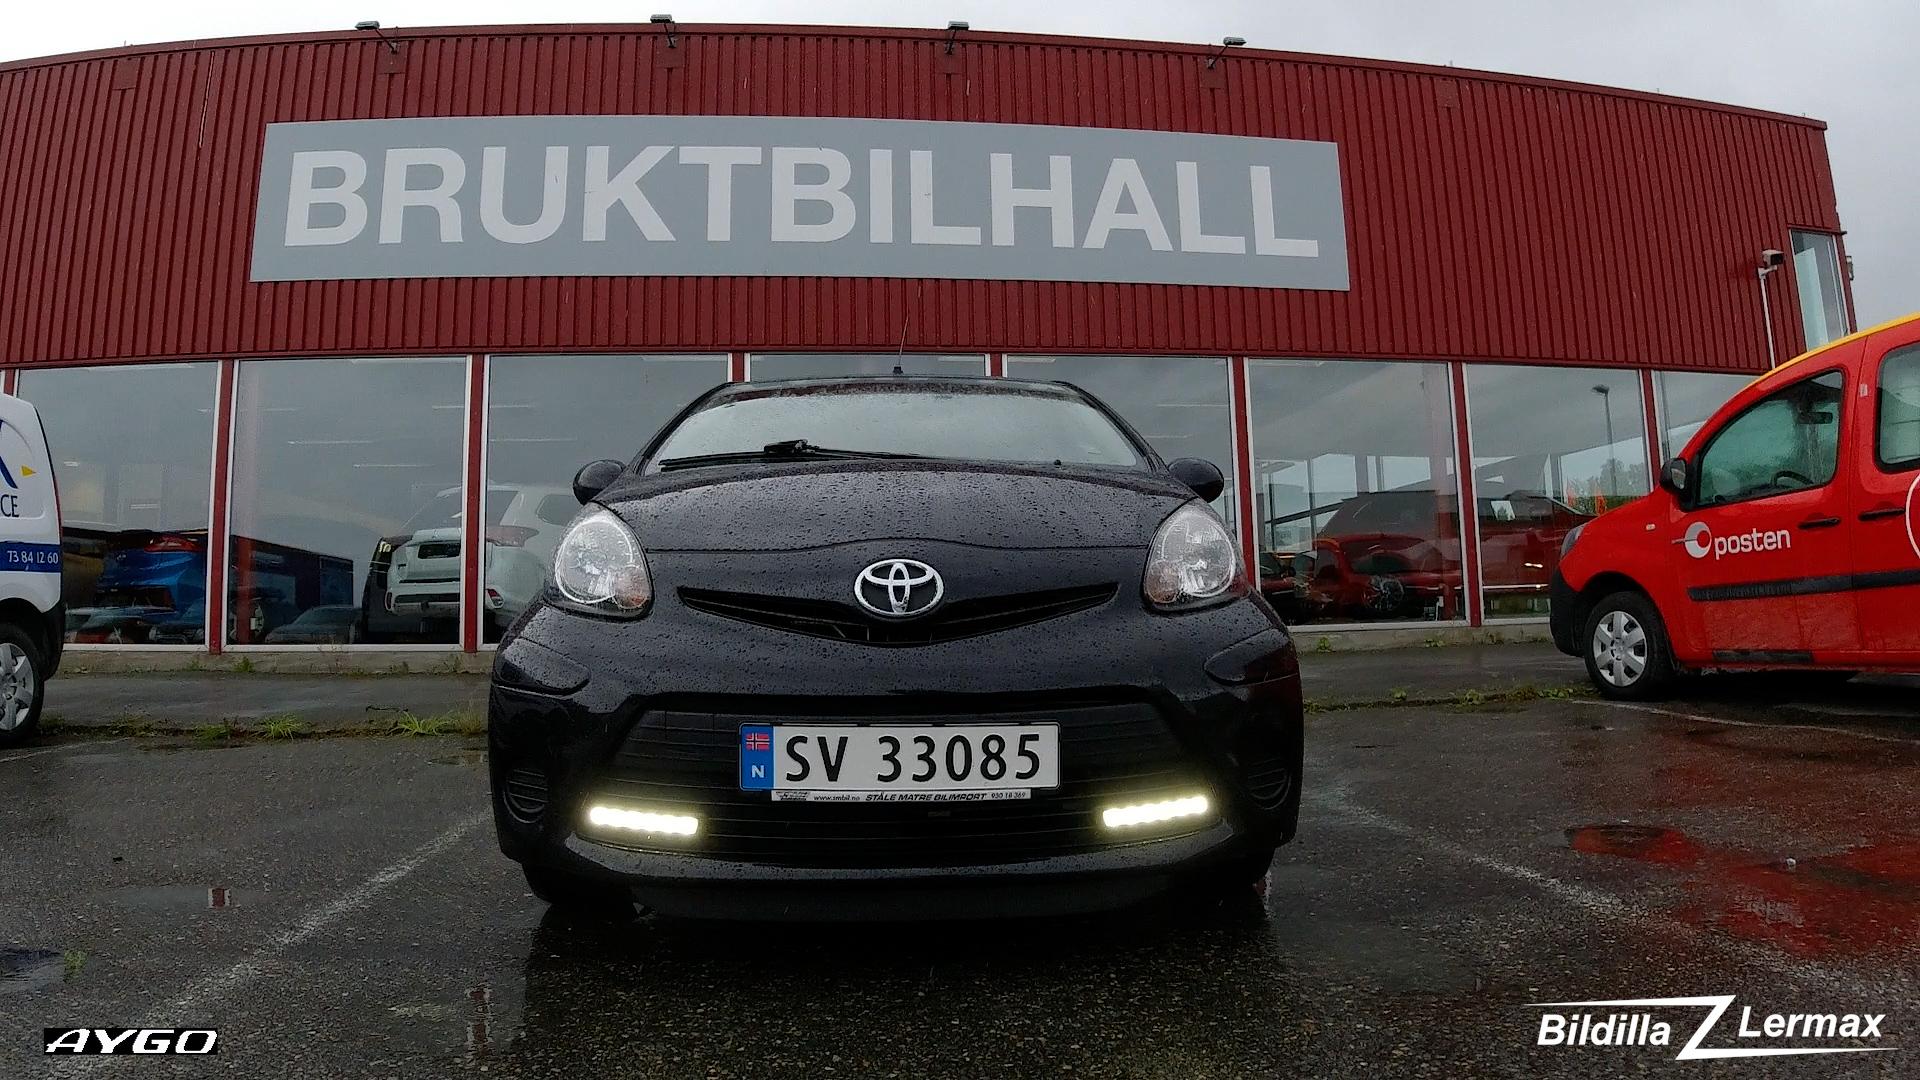 Toyota Augo, ny konebil?